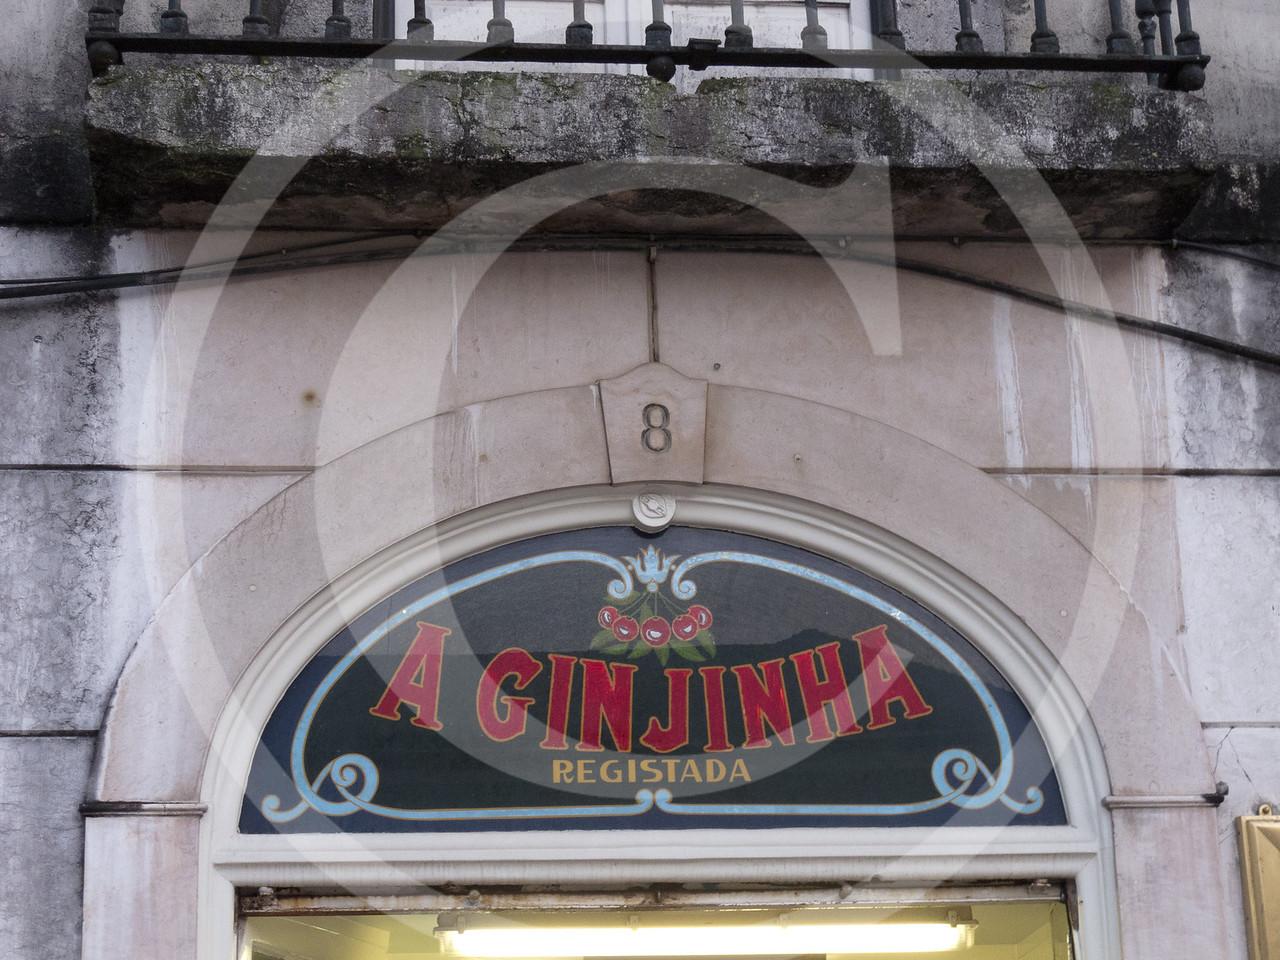 Lisboa0420111415-086